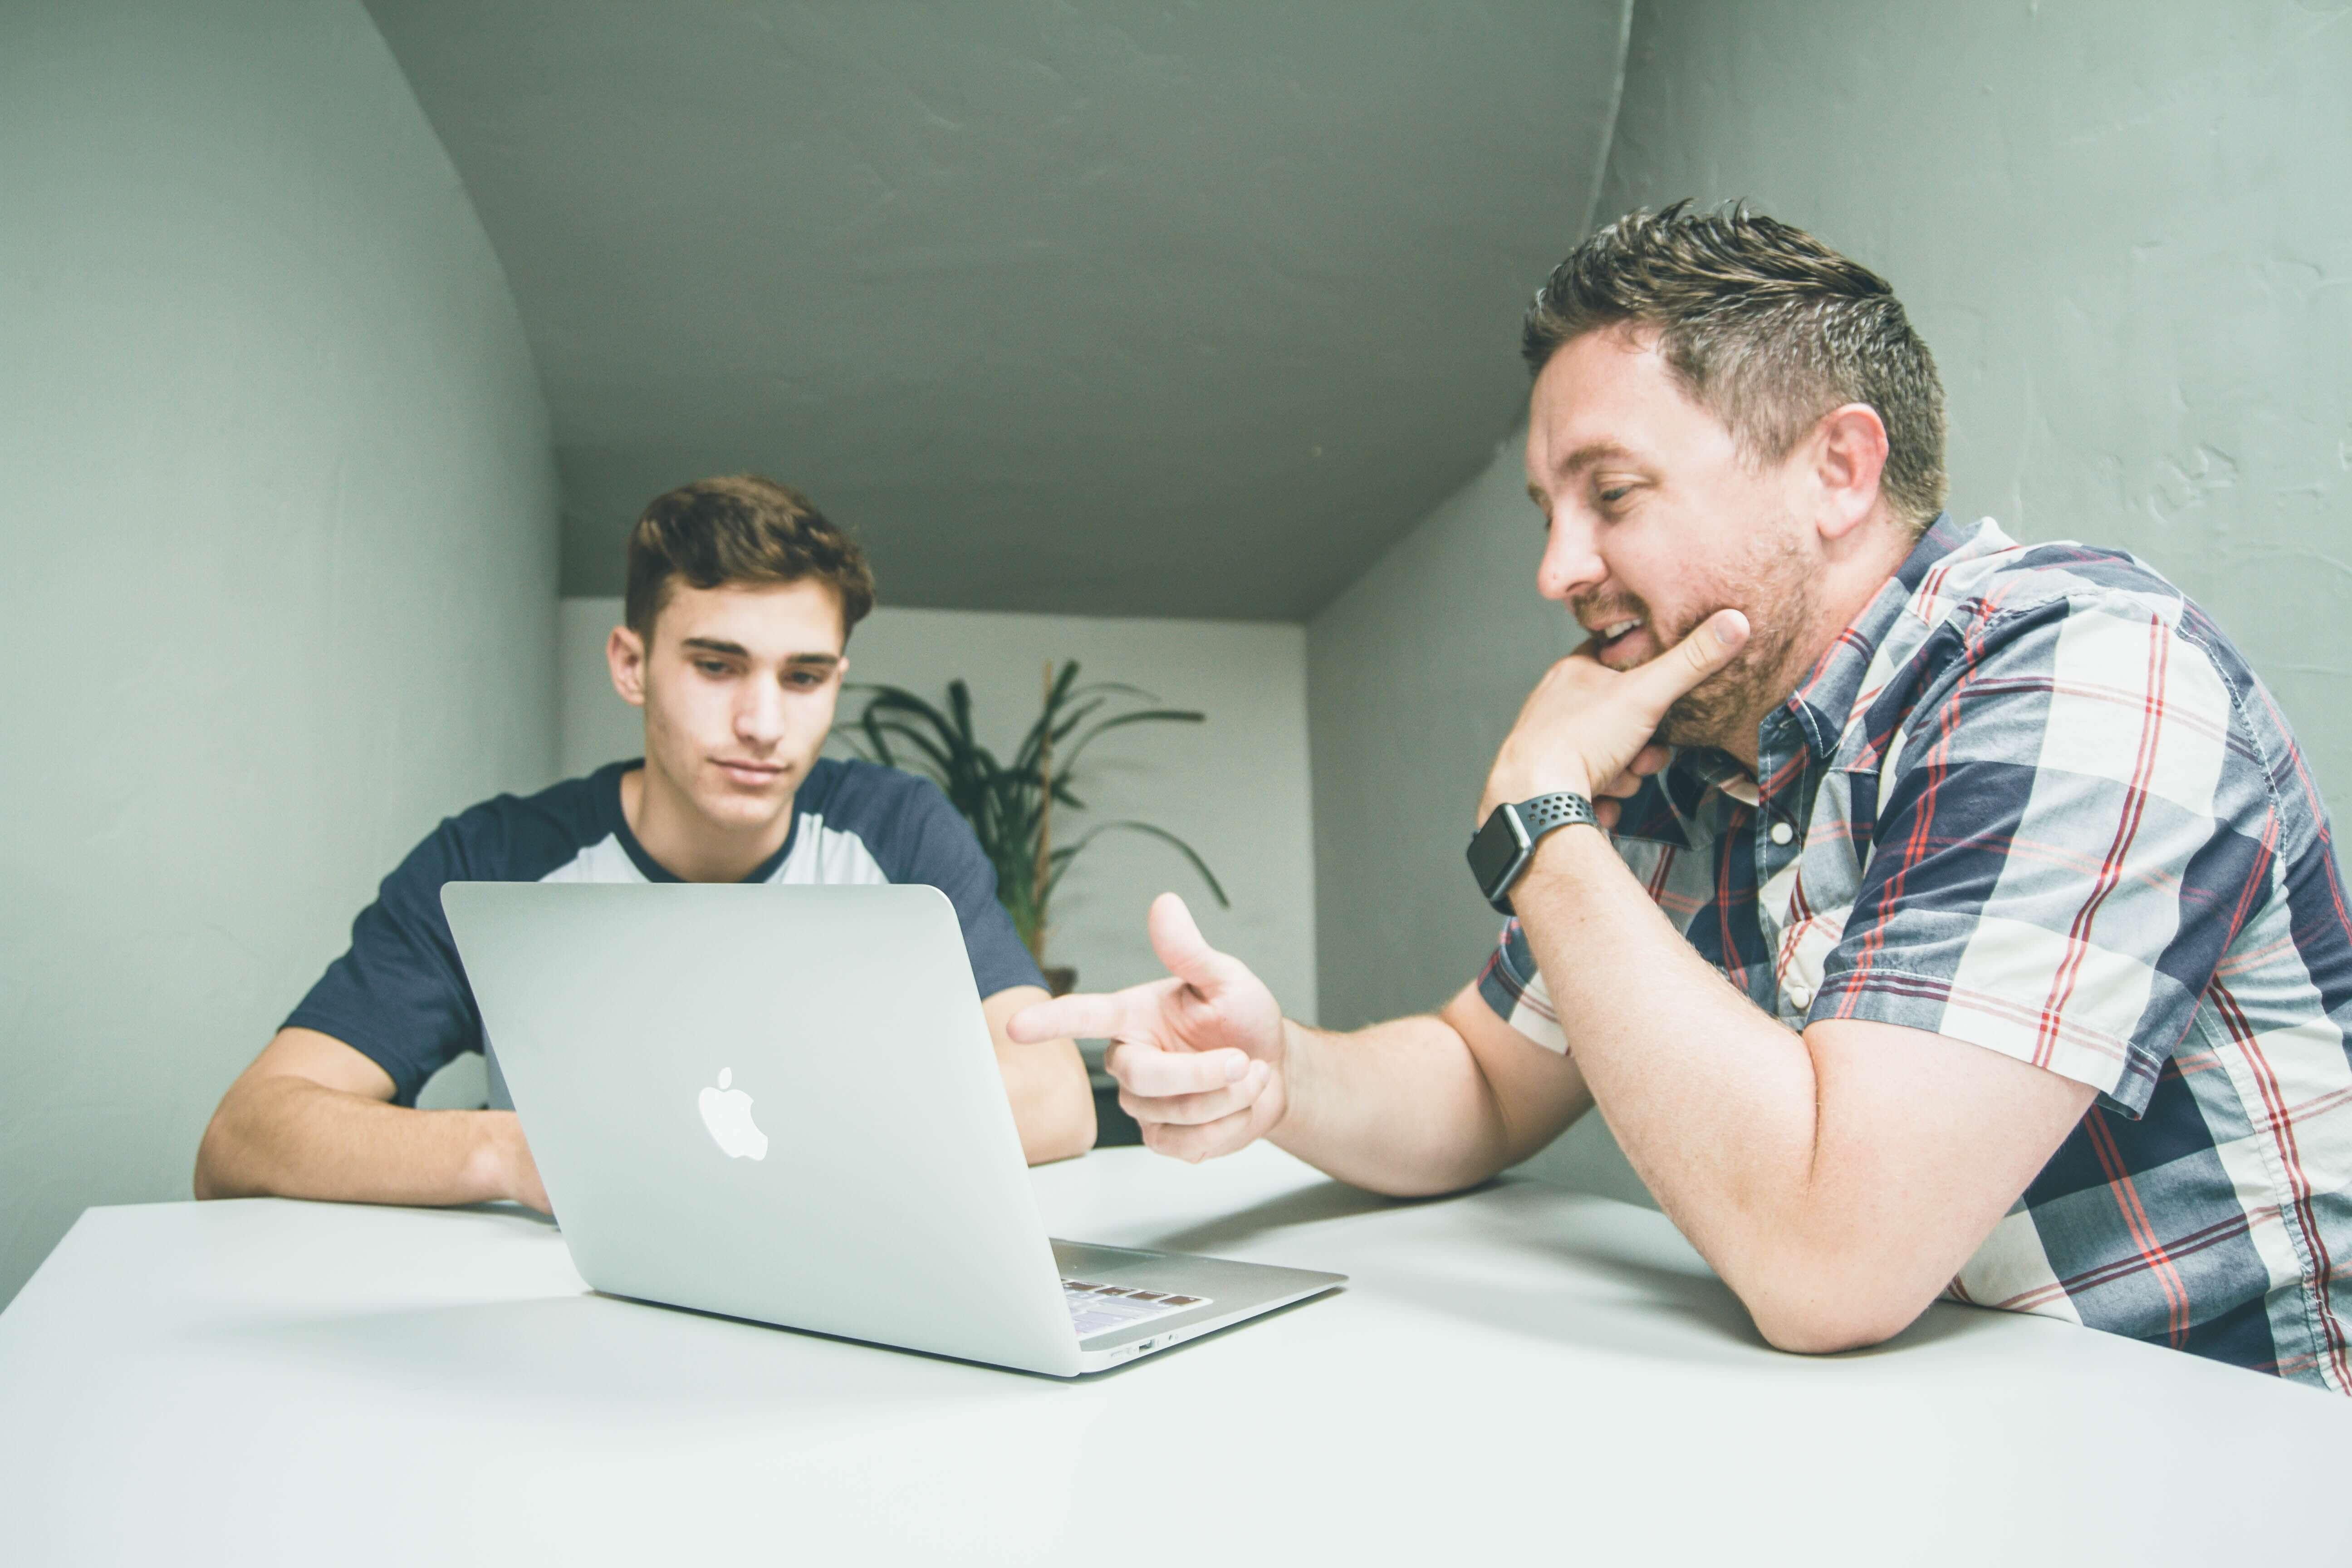 two men sitting around a macbook